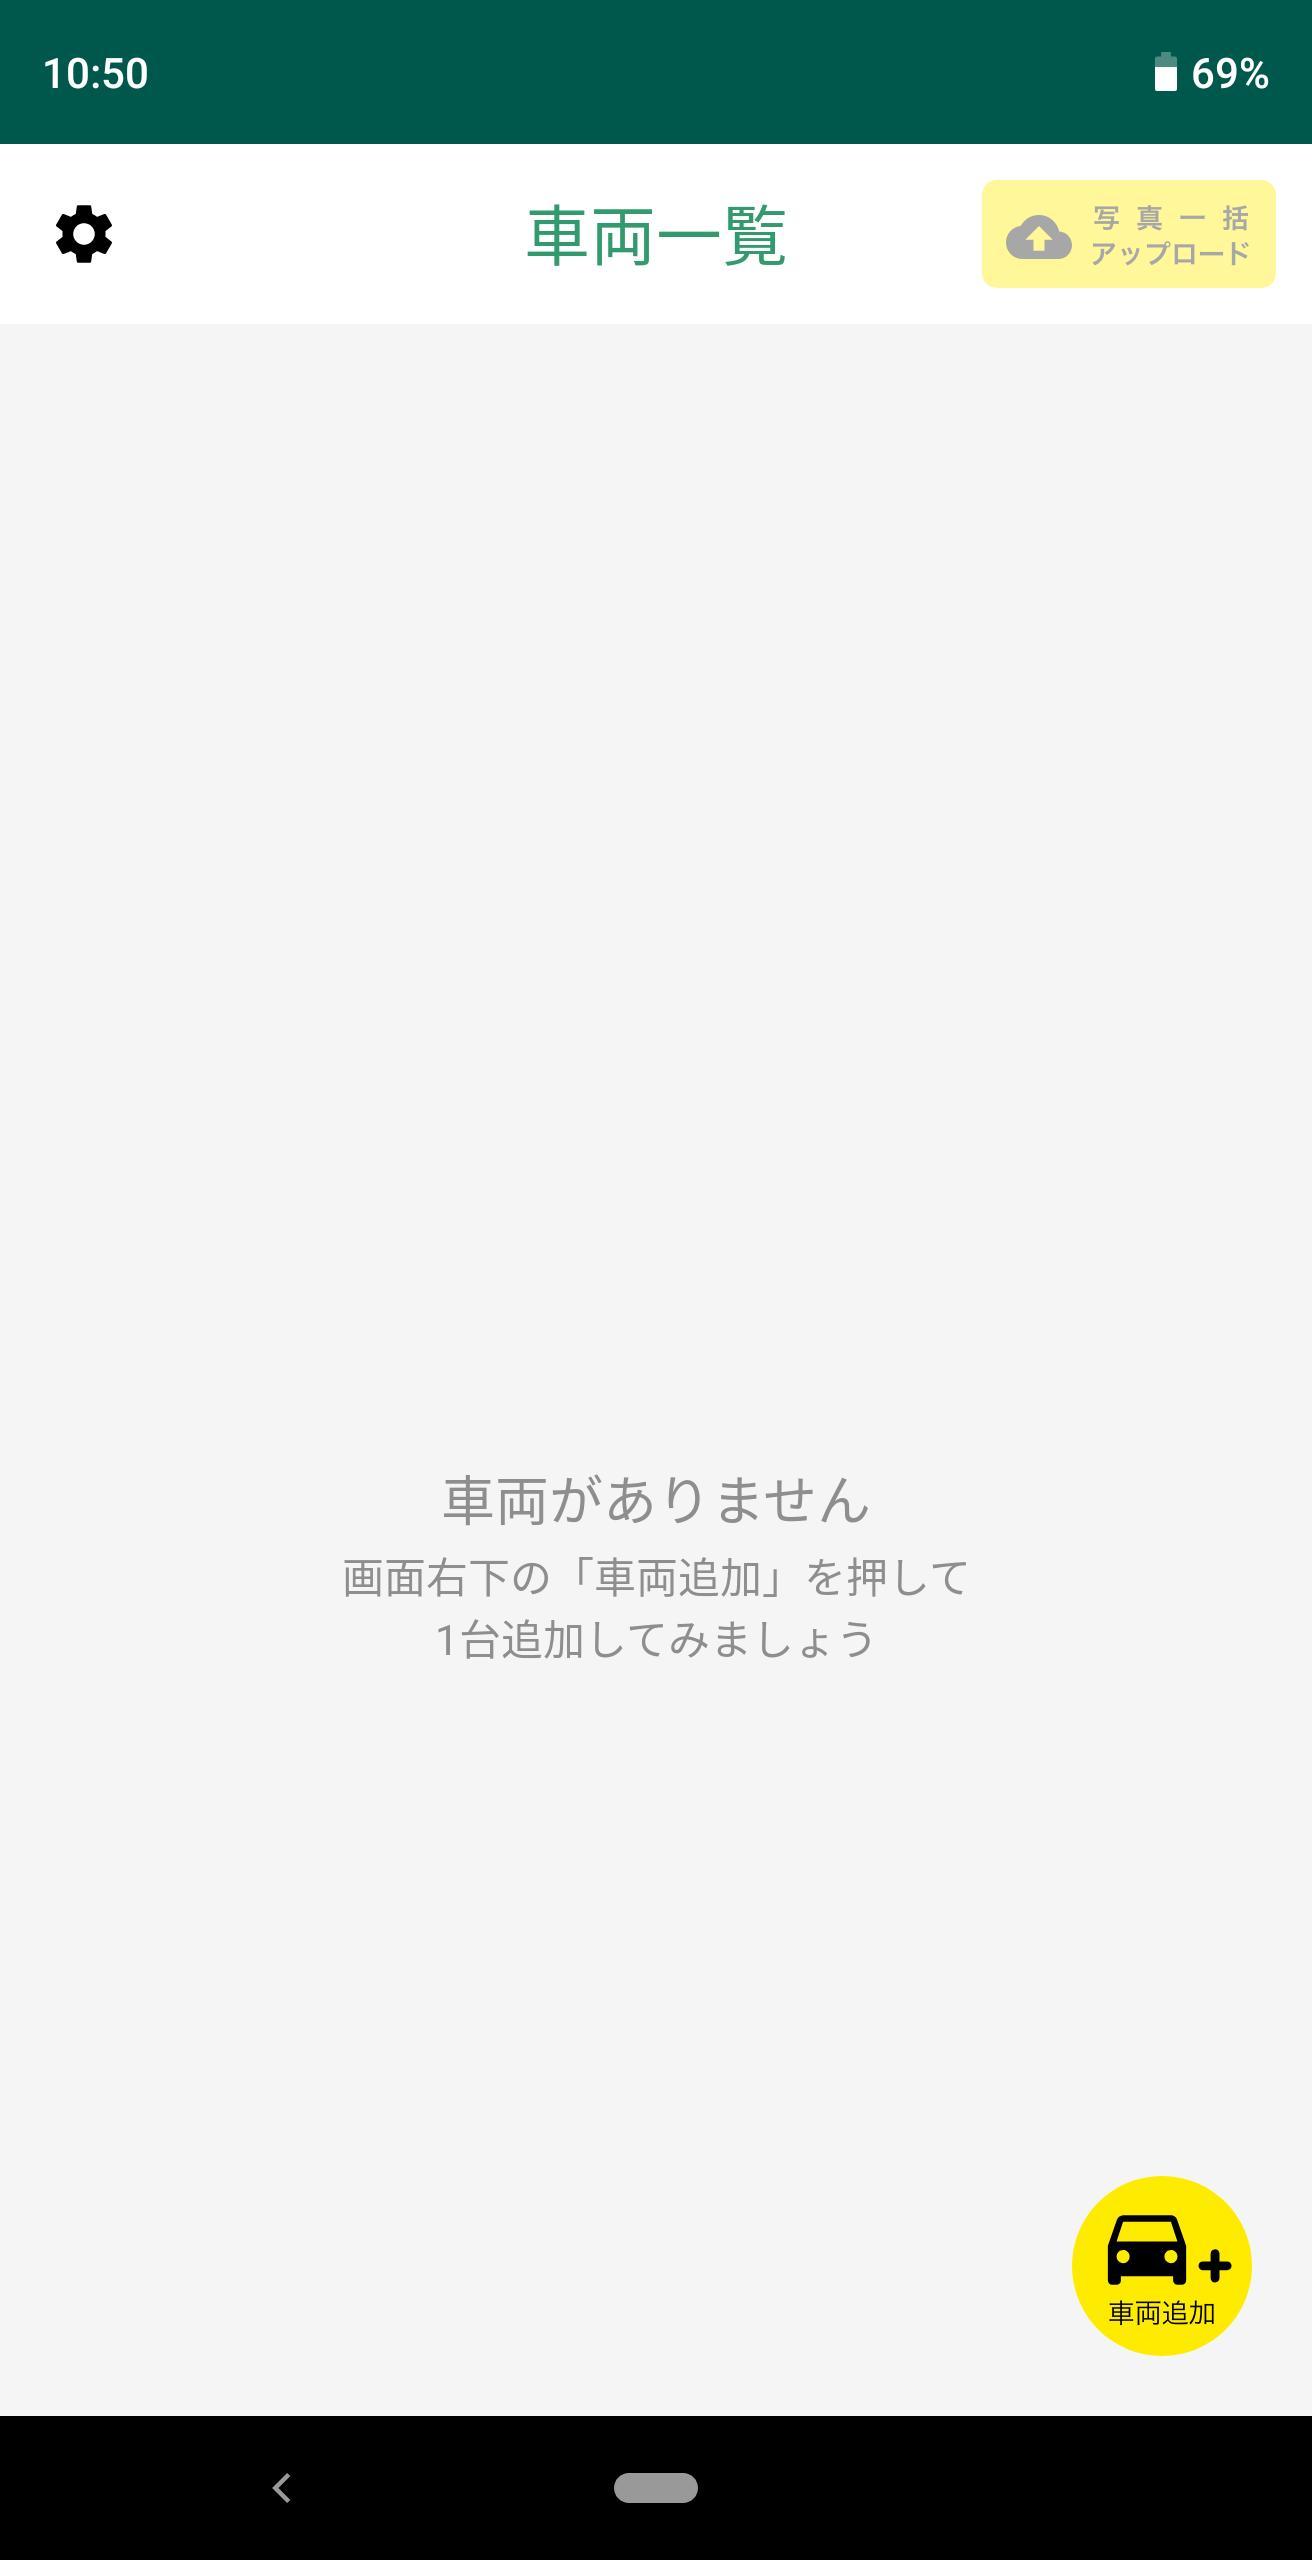 カートル for Android - APK Download